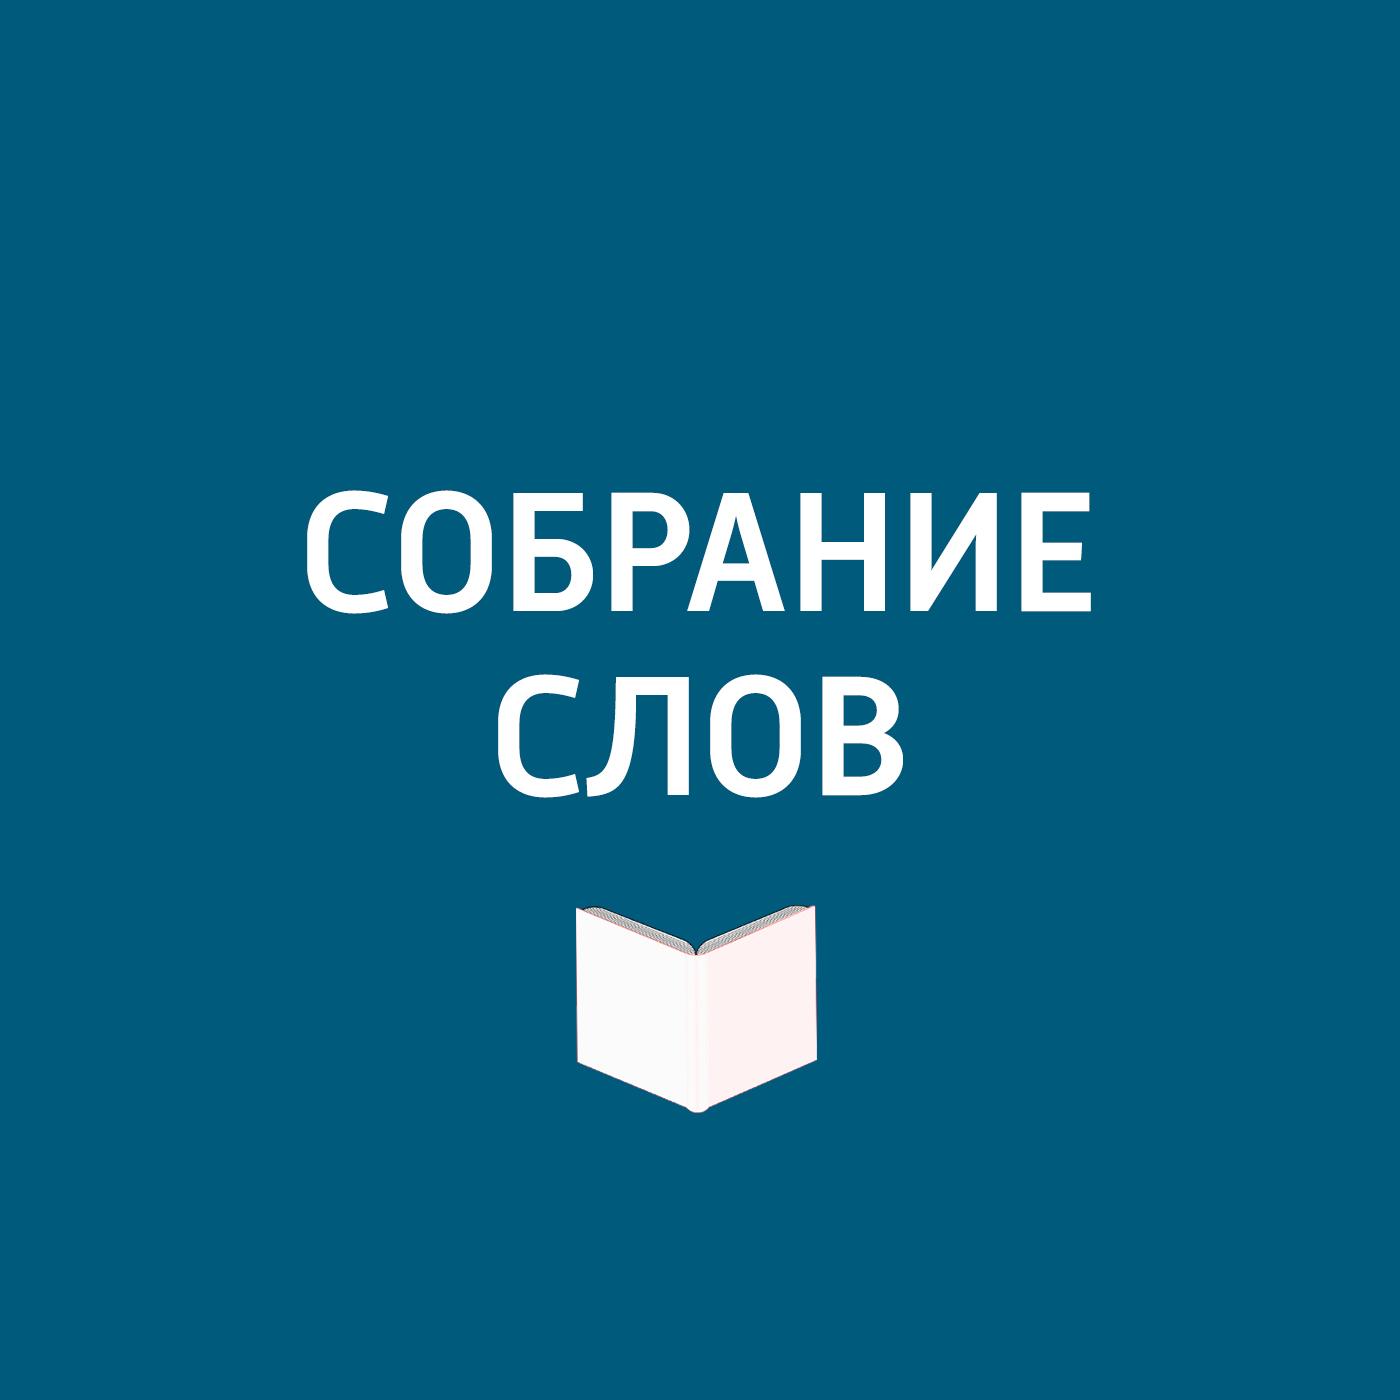 Творческий коллектив программы «Собрание слов» Большое интервью Евгения Каменьковича